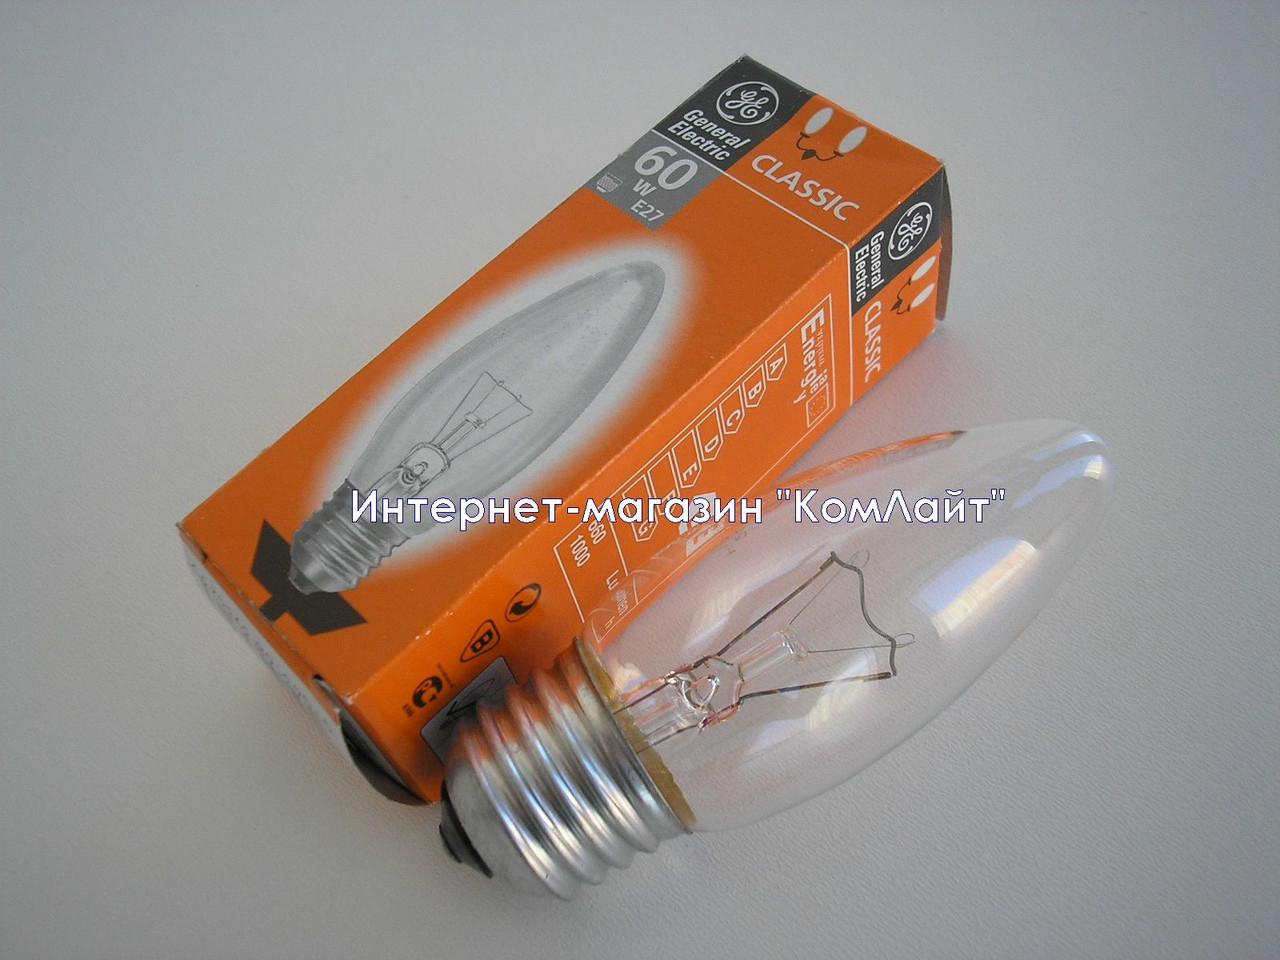 Лампа накаливания свечка General Electric 60C1/CL/E27 прозрачная 60 Вт(Венгрия)